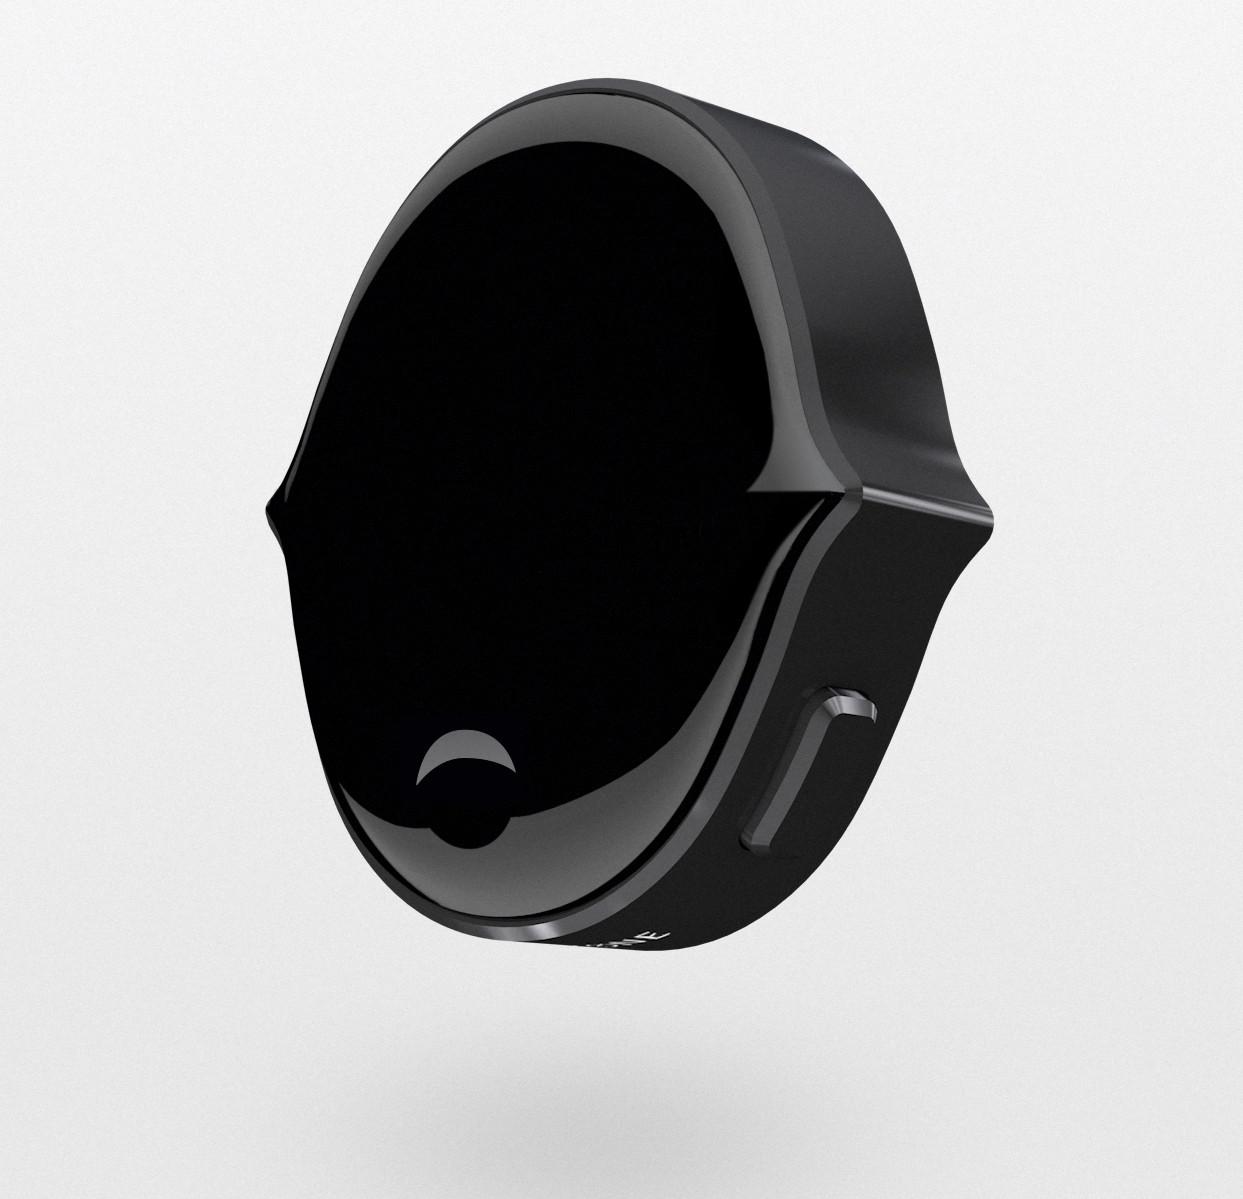 Ігрова приставка Персональний голосовий асистент Senstone із Smart AI (iOS та Android ) (Black) (код 113692)